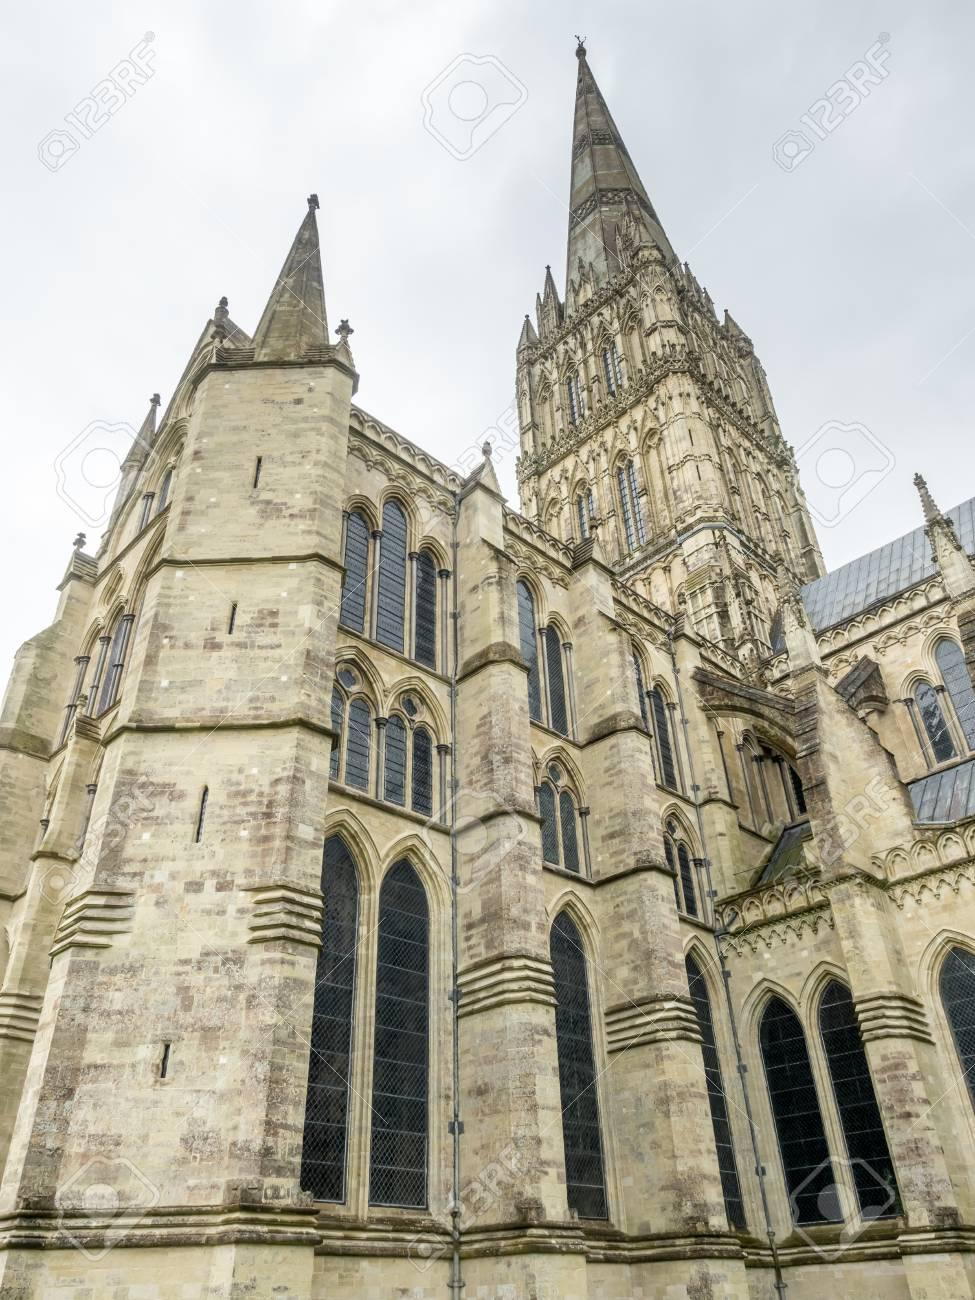 ソールズベリー大聖堂、雨の曇り...